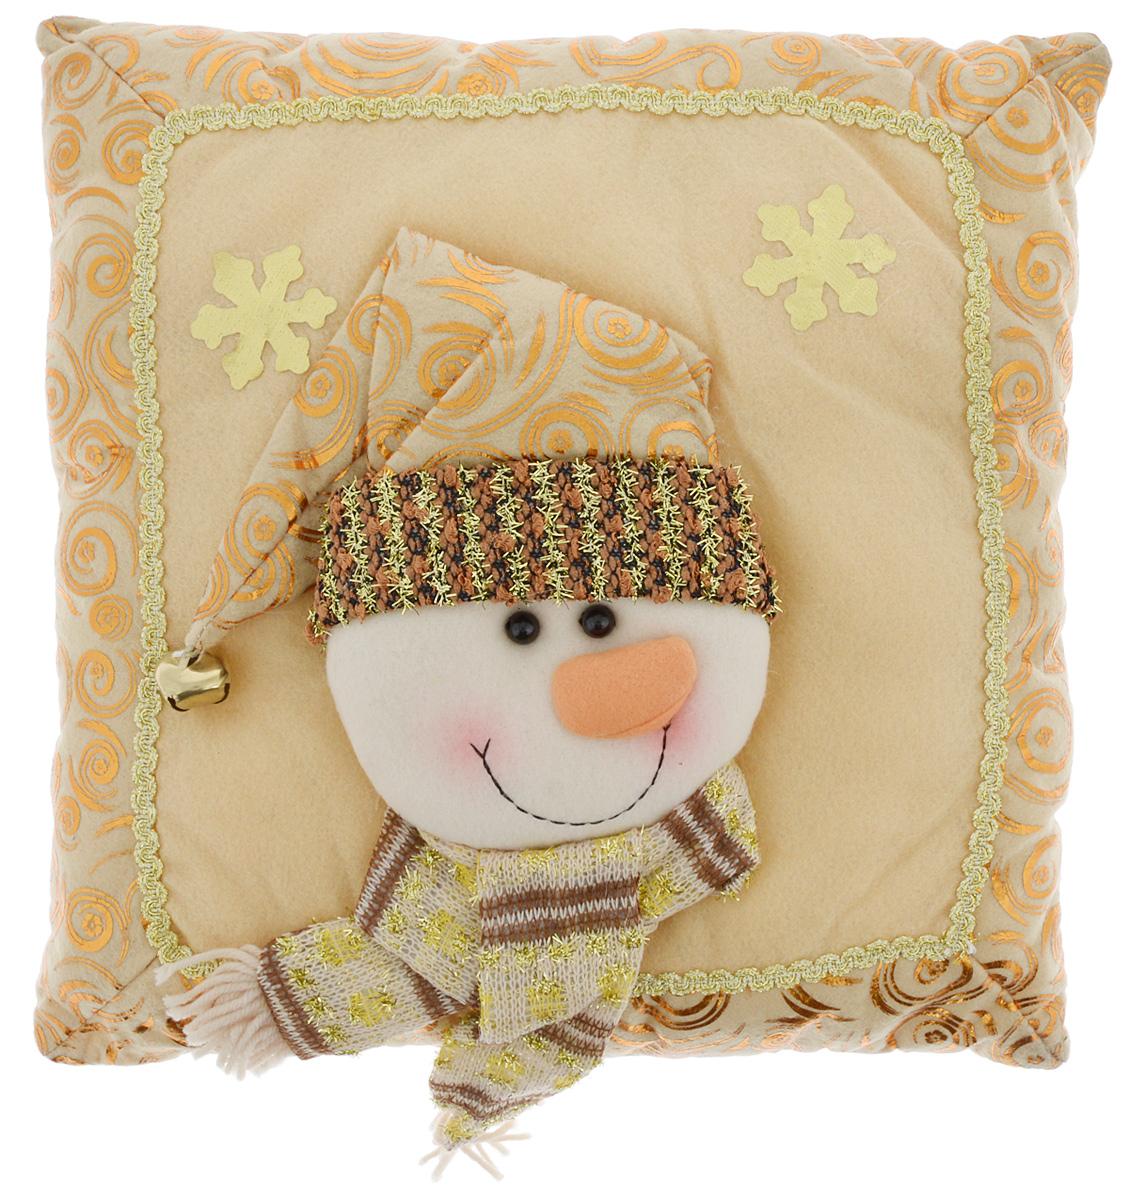 Подушка декоративная Win Max Снеговик, 30 х 30 cм. 17117102024Декоративная подушка Win Max Снеговик прекрасно подойдет для праздничного декора вашего дома в преддверии Нового года. Чехол выполнен из текстиля с комбинированной текстурой, украшен изображением снежинок и аппликацией в виде забавного снеговика. Синтепоновый наполнитель делает подушку мягкой и уютной. Красивая подушка создаст в доме уют и станет прекрасным элементом декора.